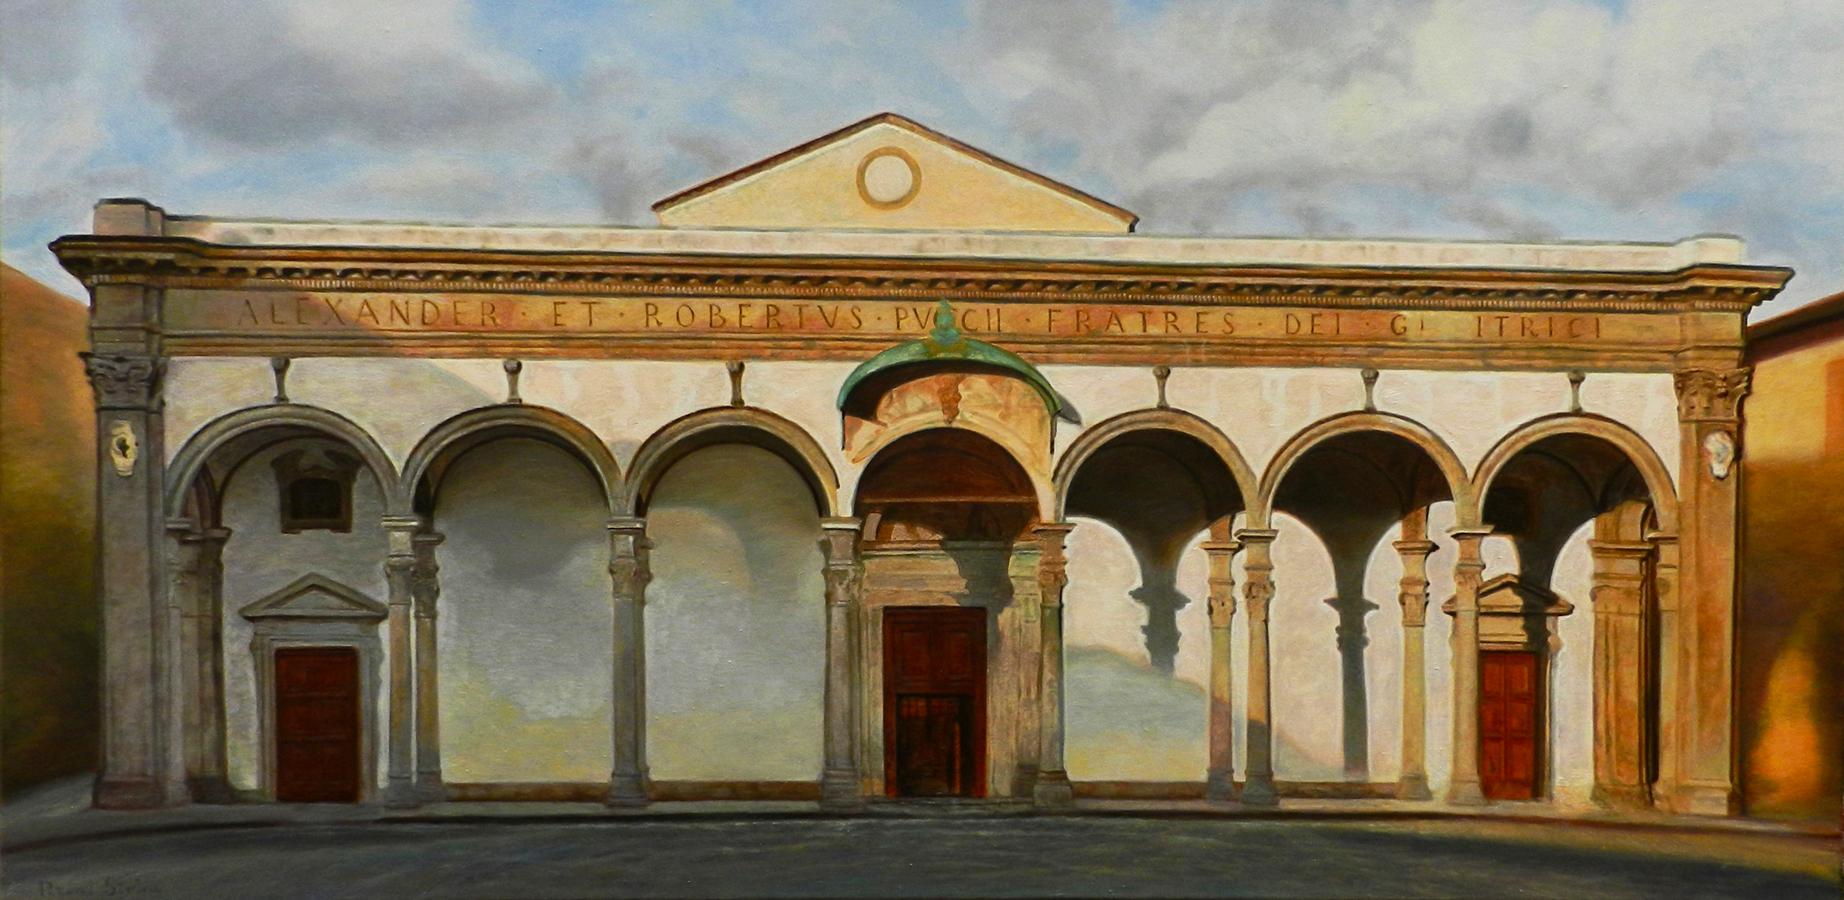 Santissima Annunziata, Firenze | Ulei pe pânză | 50 x 100 cm | 2019 | 700 Euro